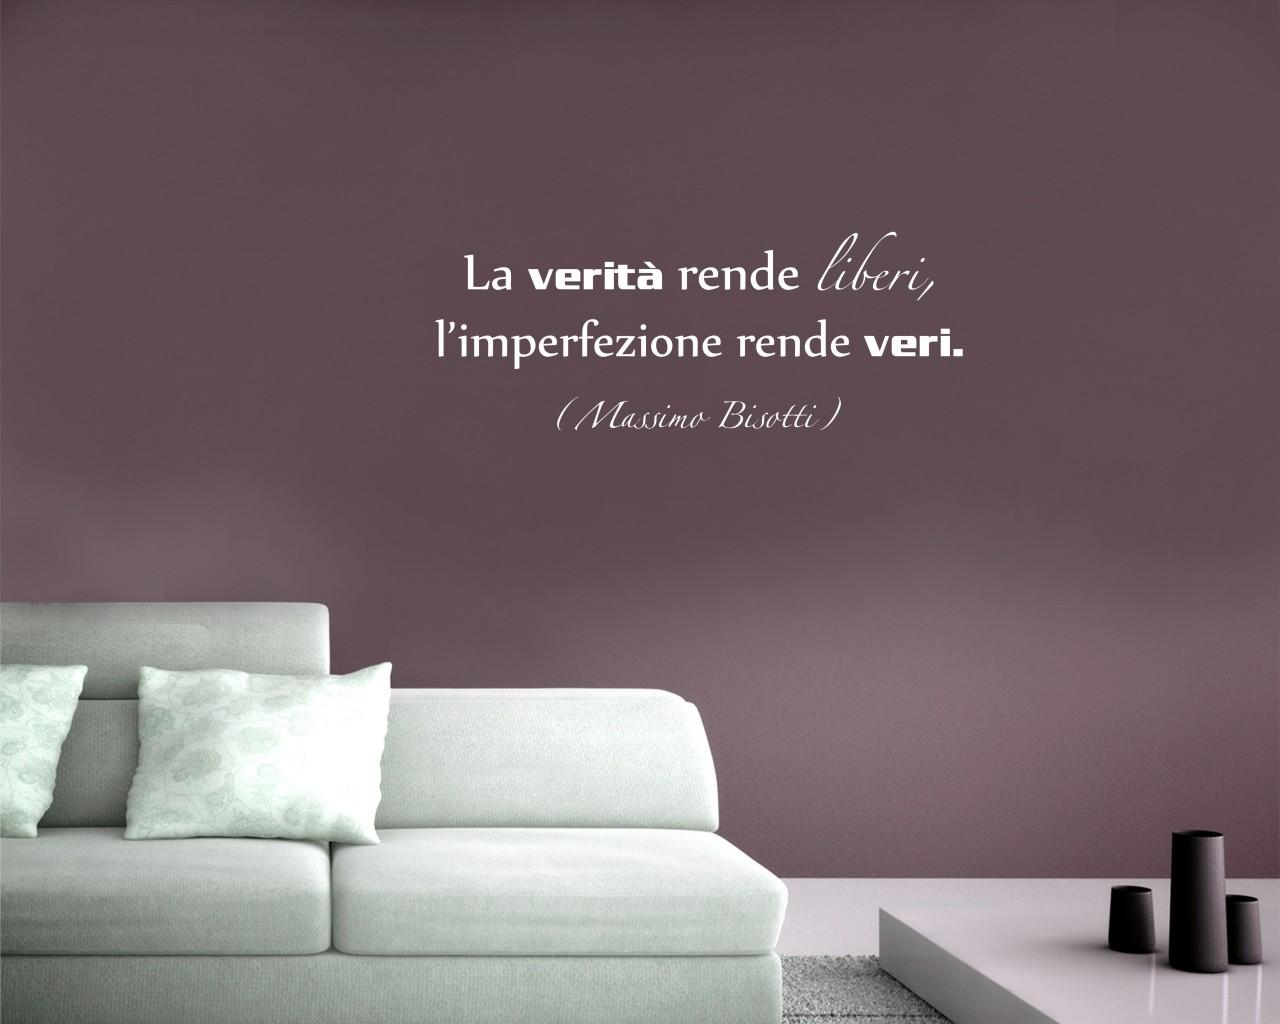 Massimo bisotti la verit rende liberi frasi aforismi - Decori camera da letto ...